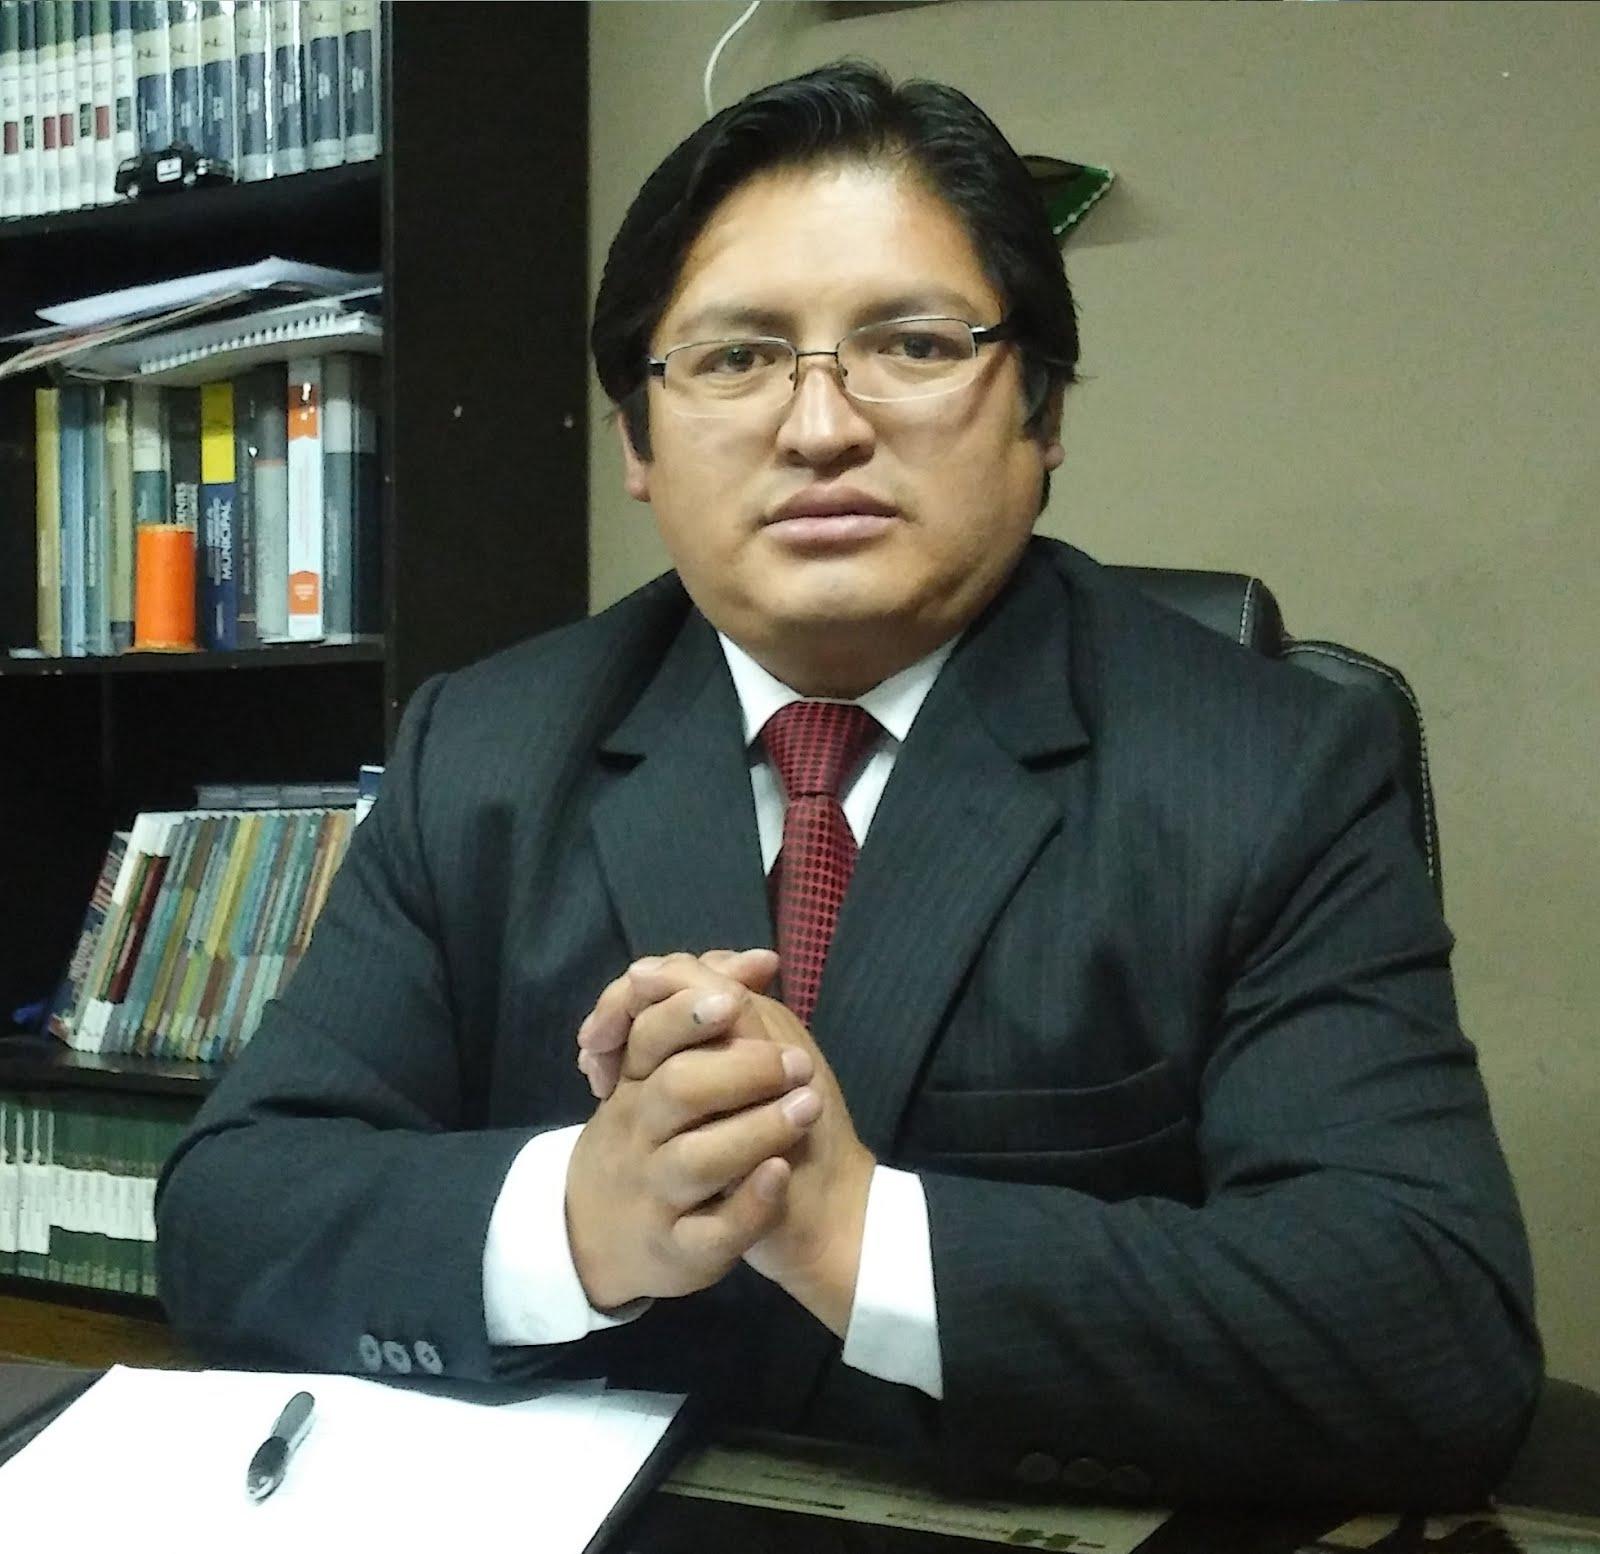 MIGUEL CHAMORRO TORRES, SERVIDOR MUNICIPAL -- MPH